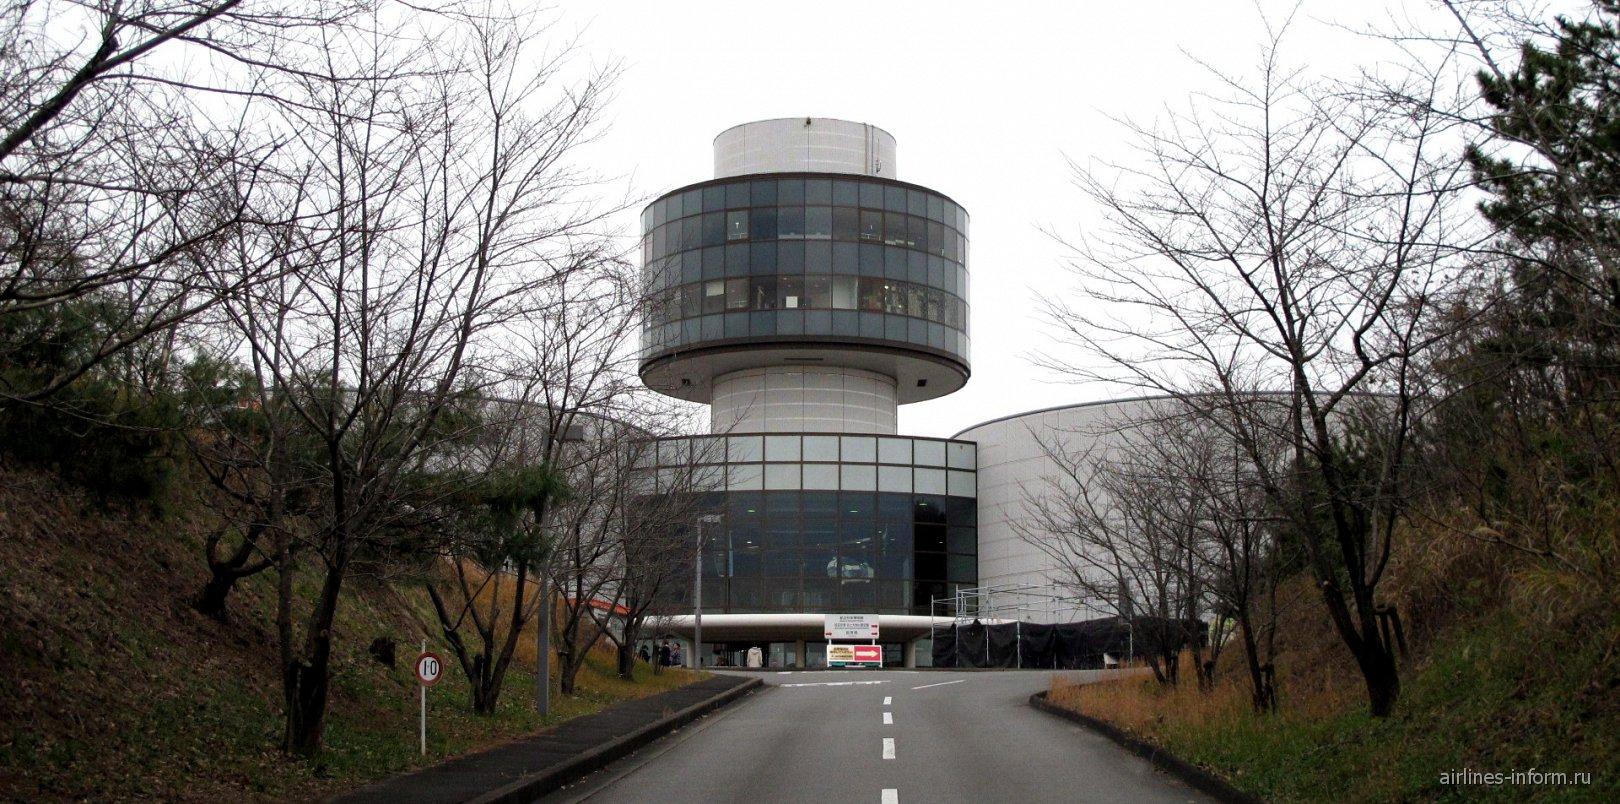 Авиационный музей в аэропорту Токио Нарита